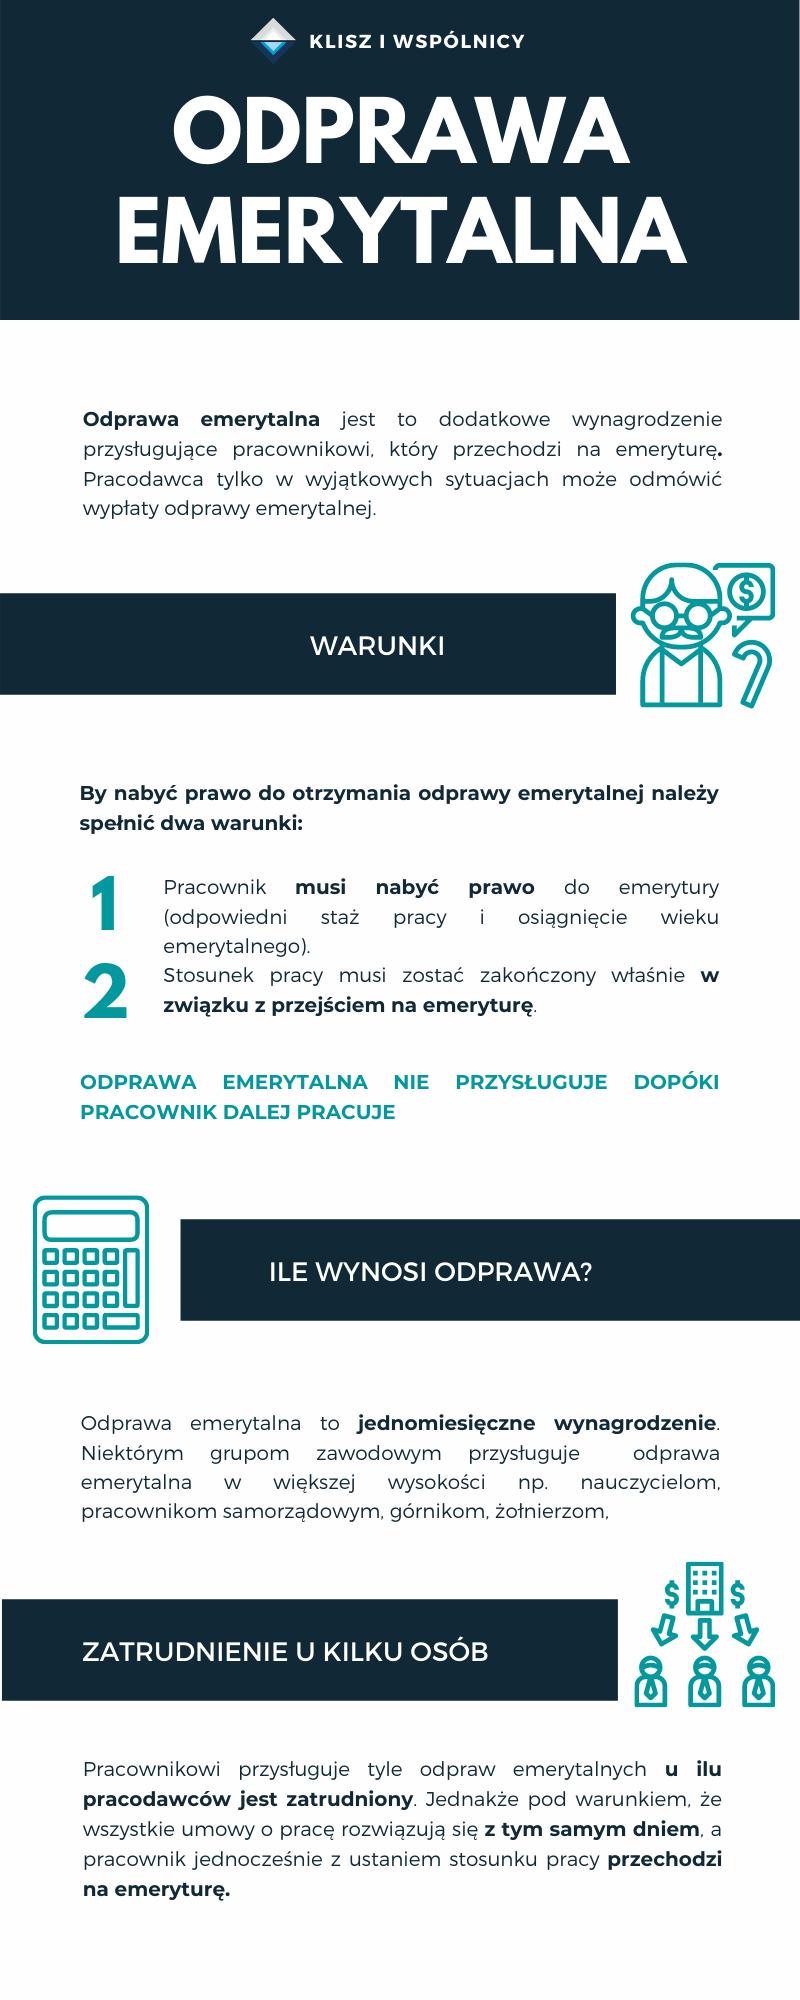 odprawa emerytalna infografika